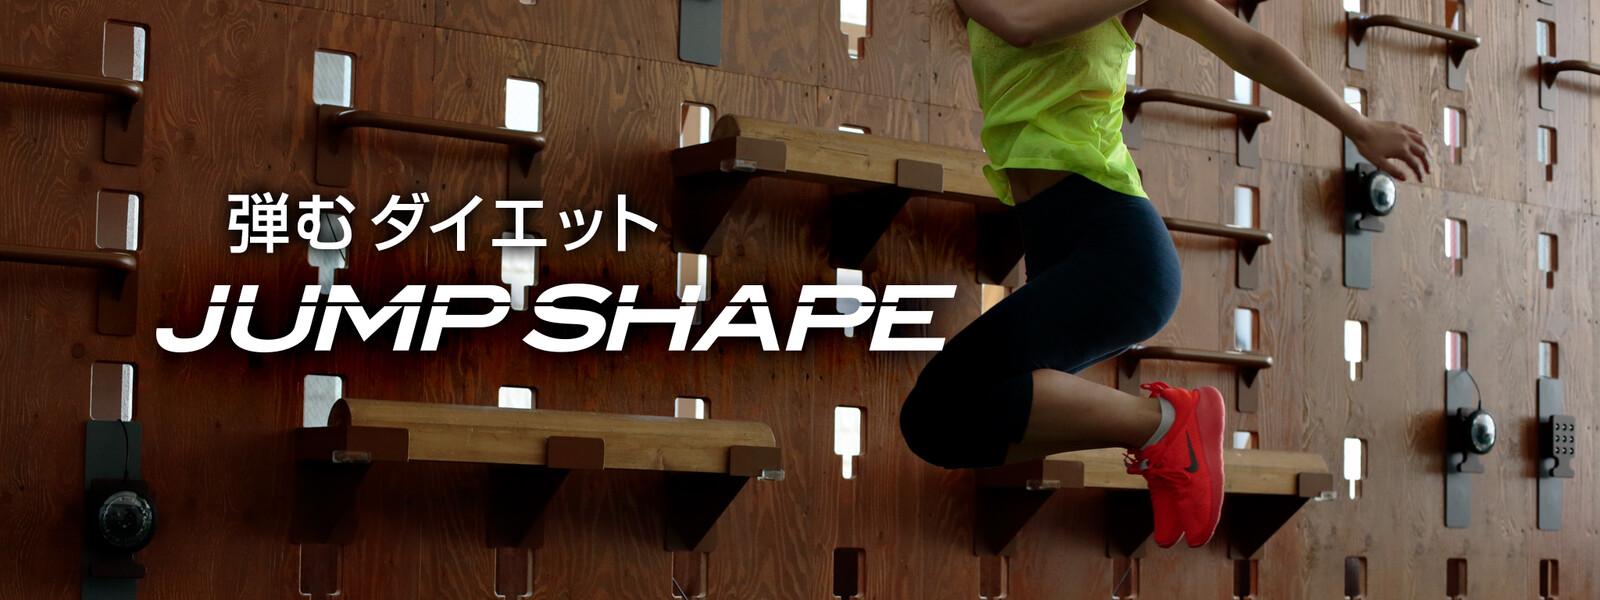 弾むダイエット JUMP SHAPE 動画